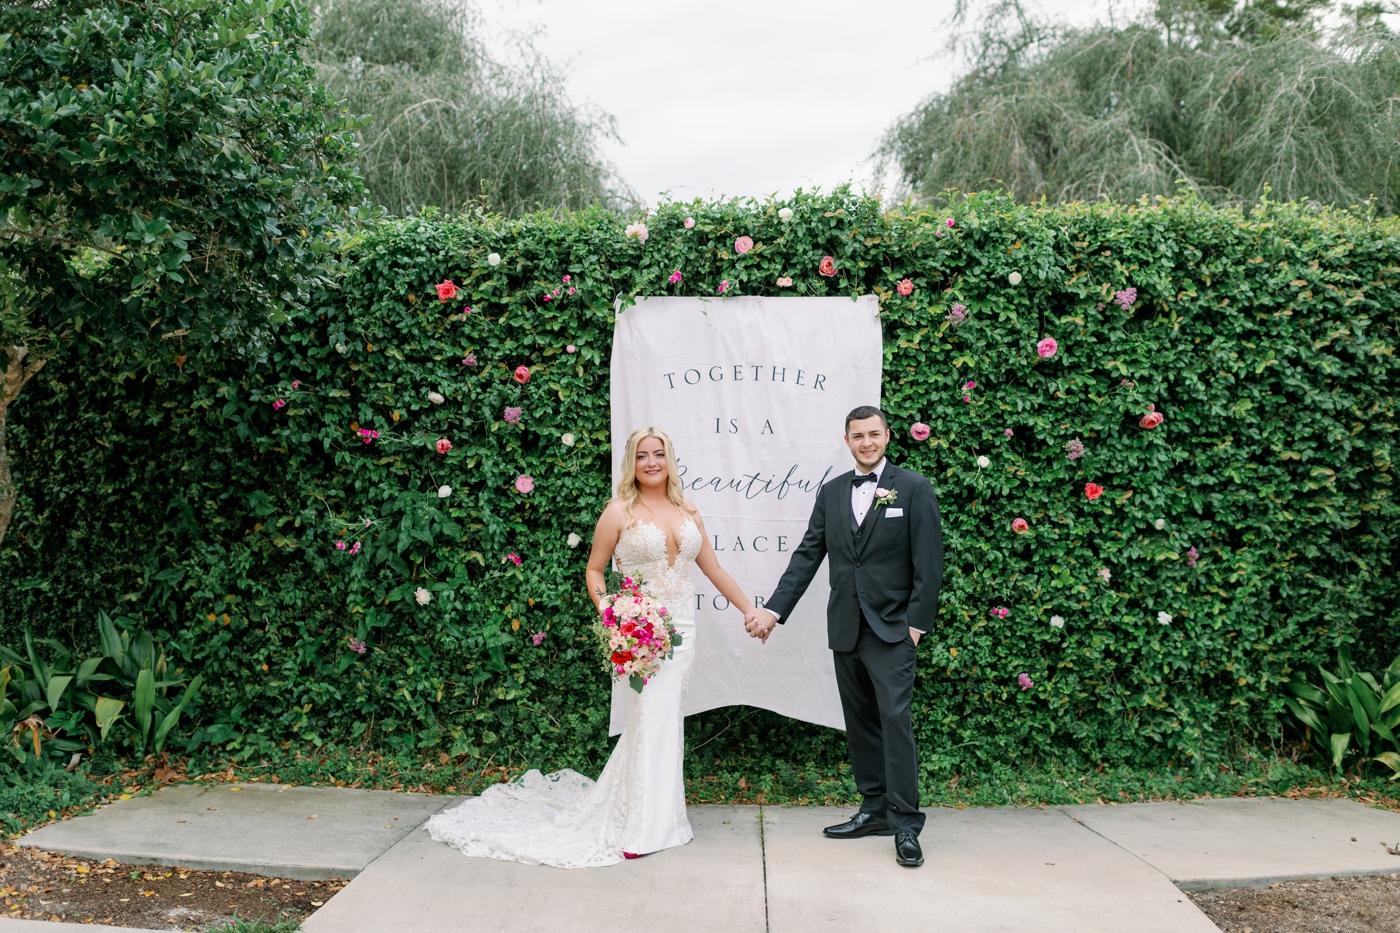 outdoor wedding venue orlando